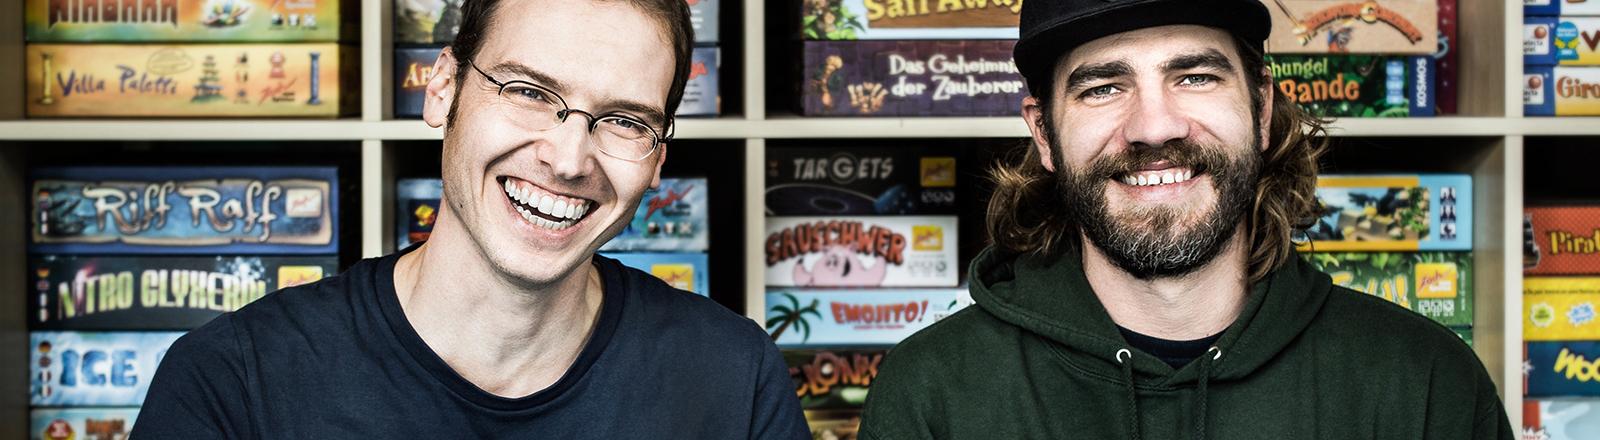 Zwei Männer sitzen vor einem Regal mit Brettspielen und lachen in die Kamera.